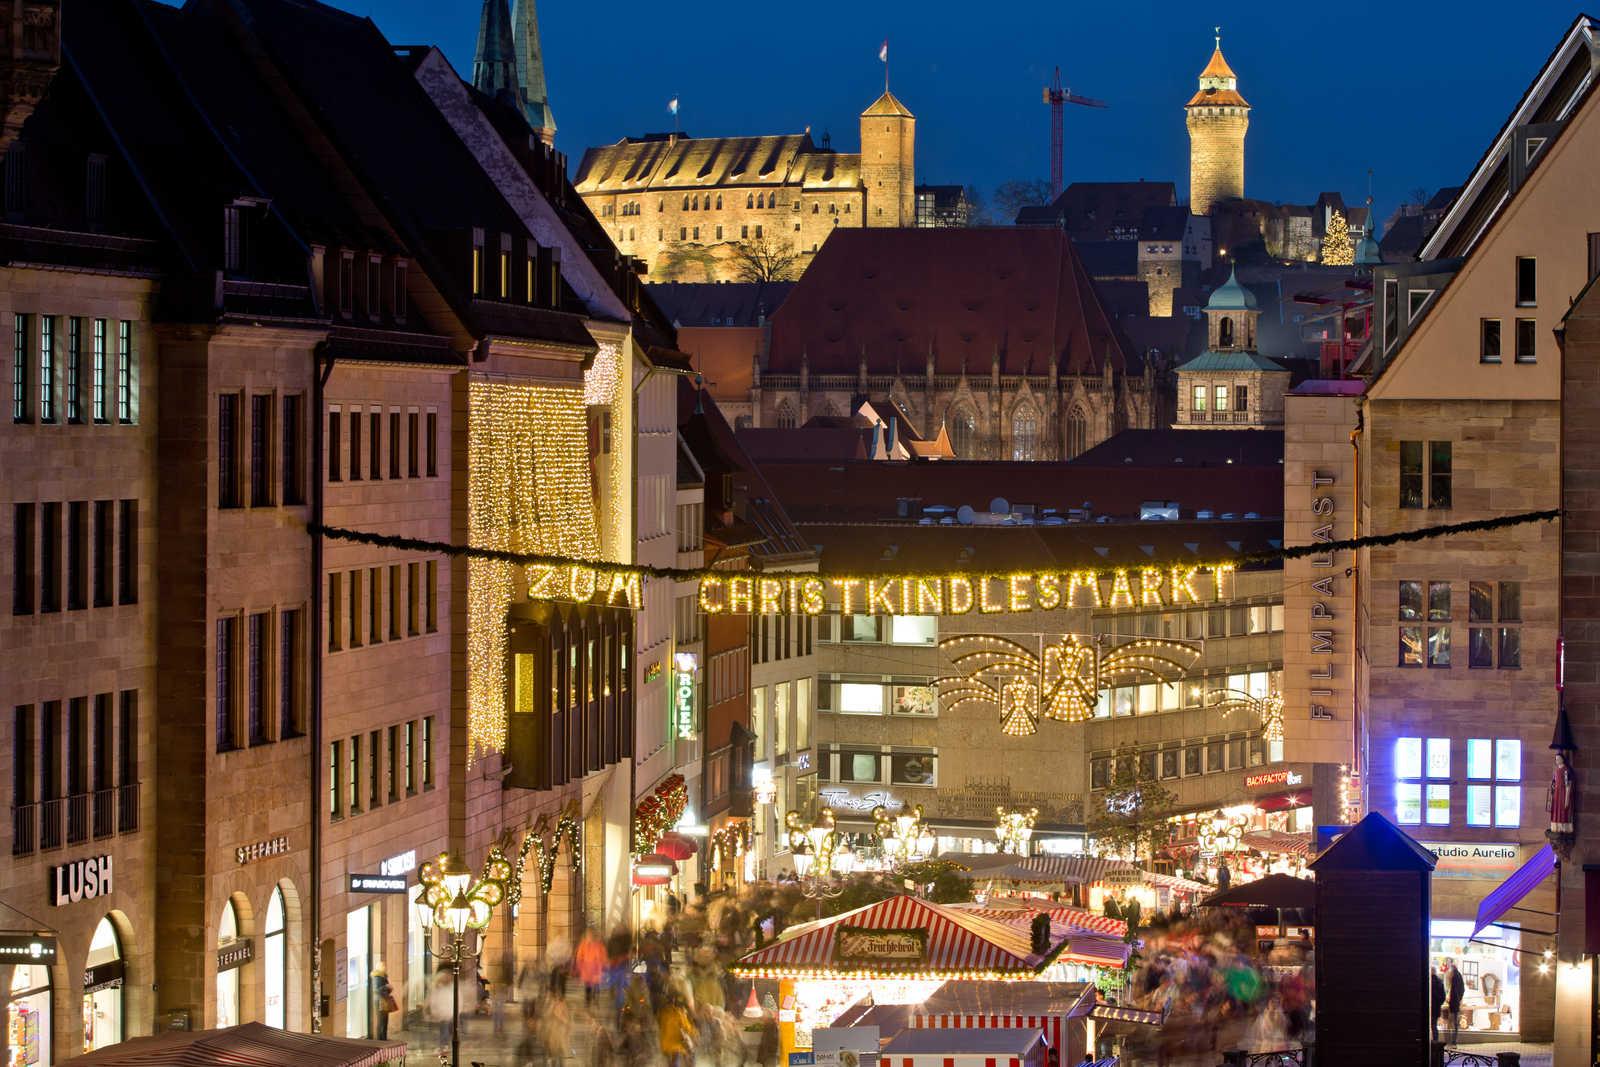 Weihnachtsmarkt Fürth.Fürth Weihnachtsmarkt Auf Der Fürther Freiheit öffnet Seine Pforten